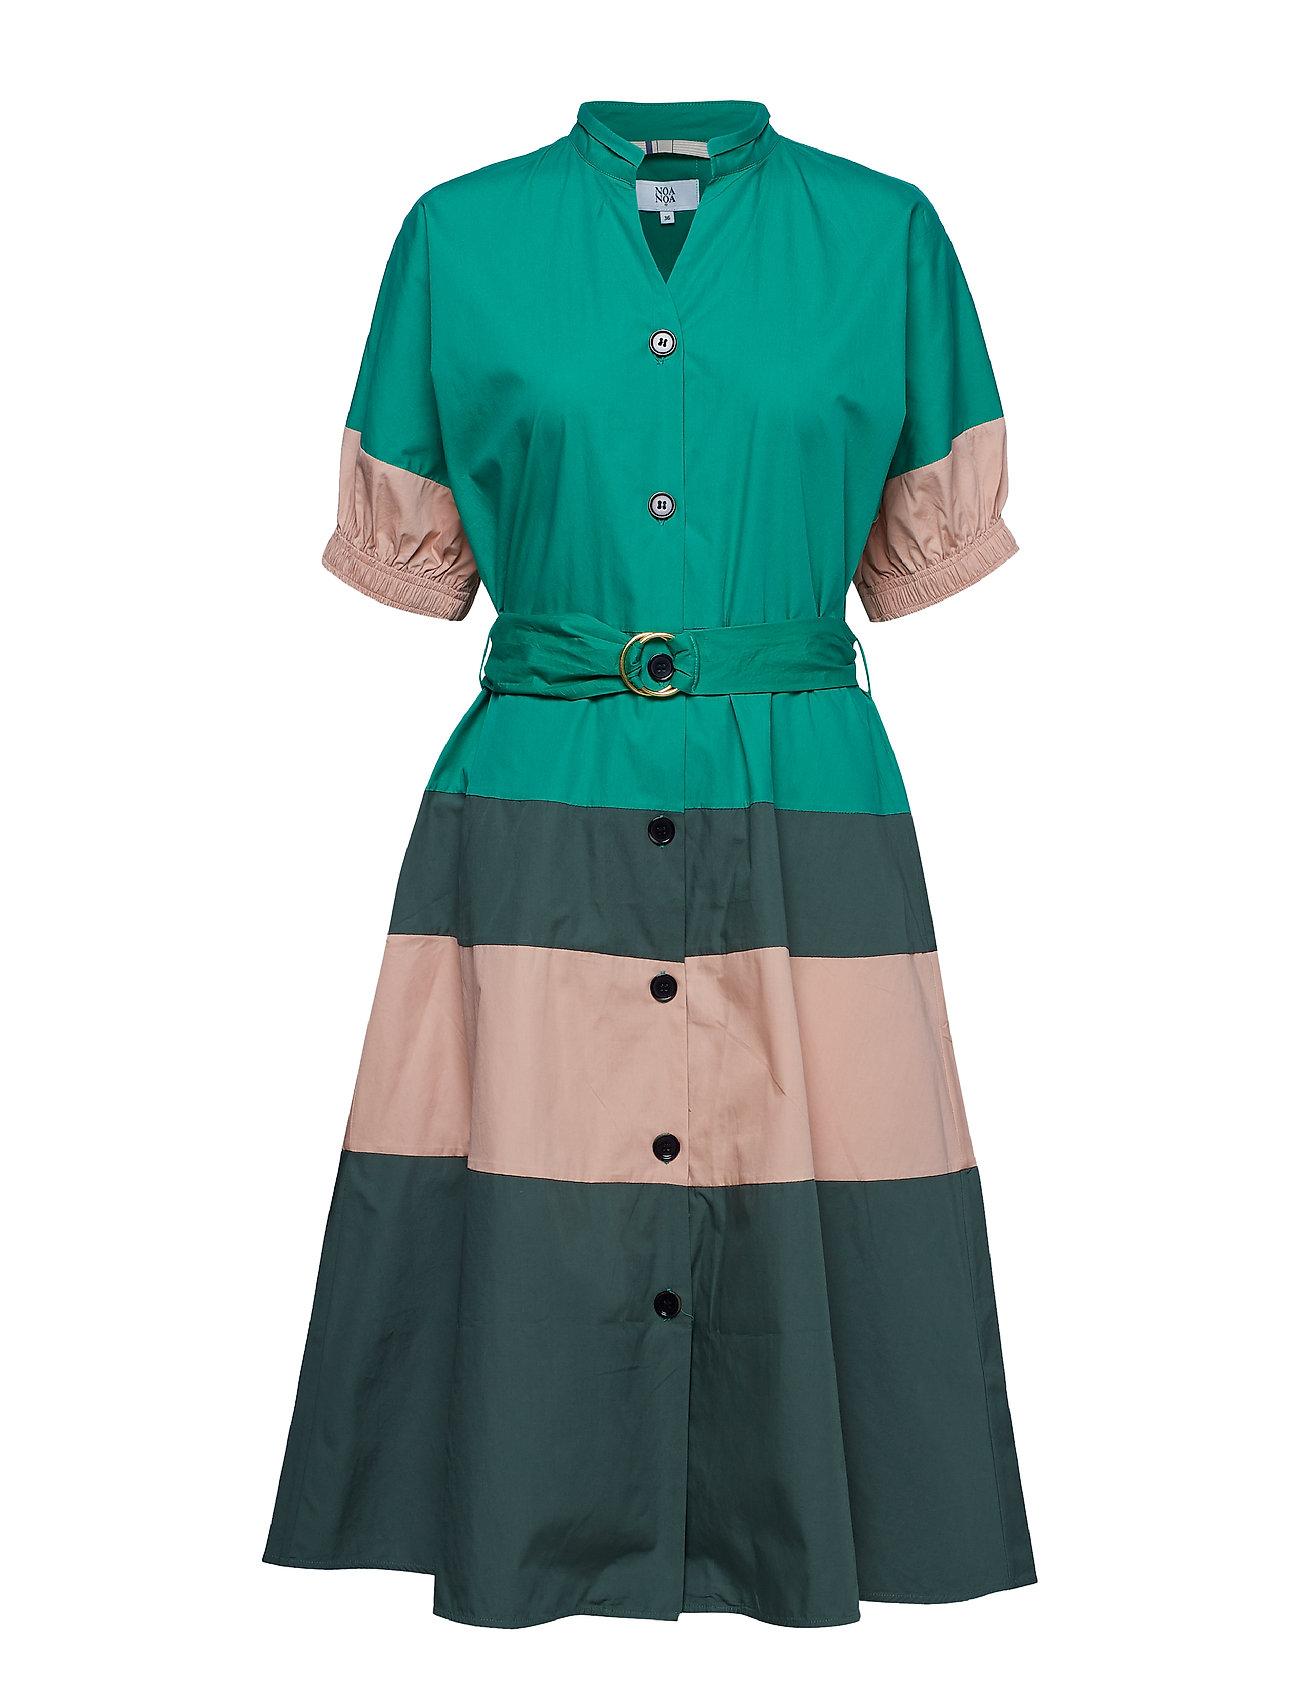 SleeveviridisNoa Short Short Short SleeveviridisNoa SleeveviridisNoa SleeveviridisNoa Dress Dress Short Dress SleeveviridisNoa Short Dress Dress NPknwX80O